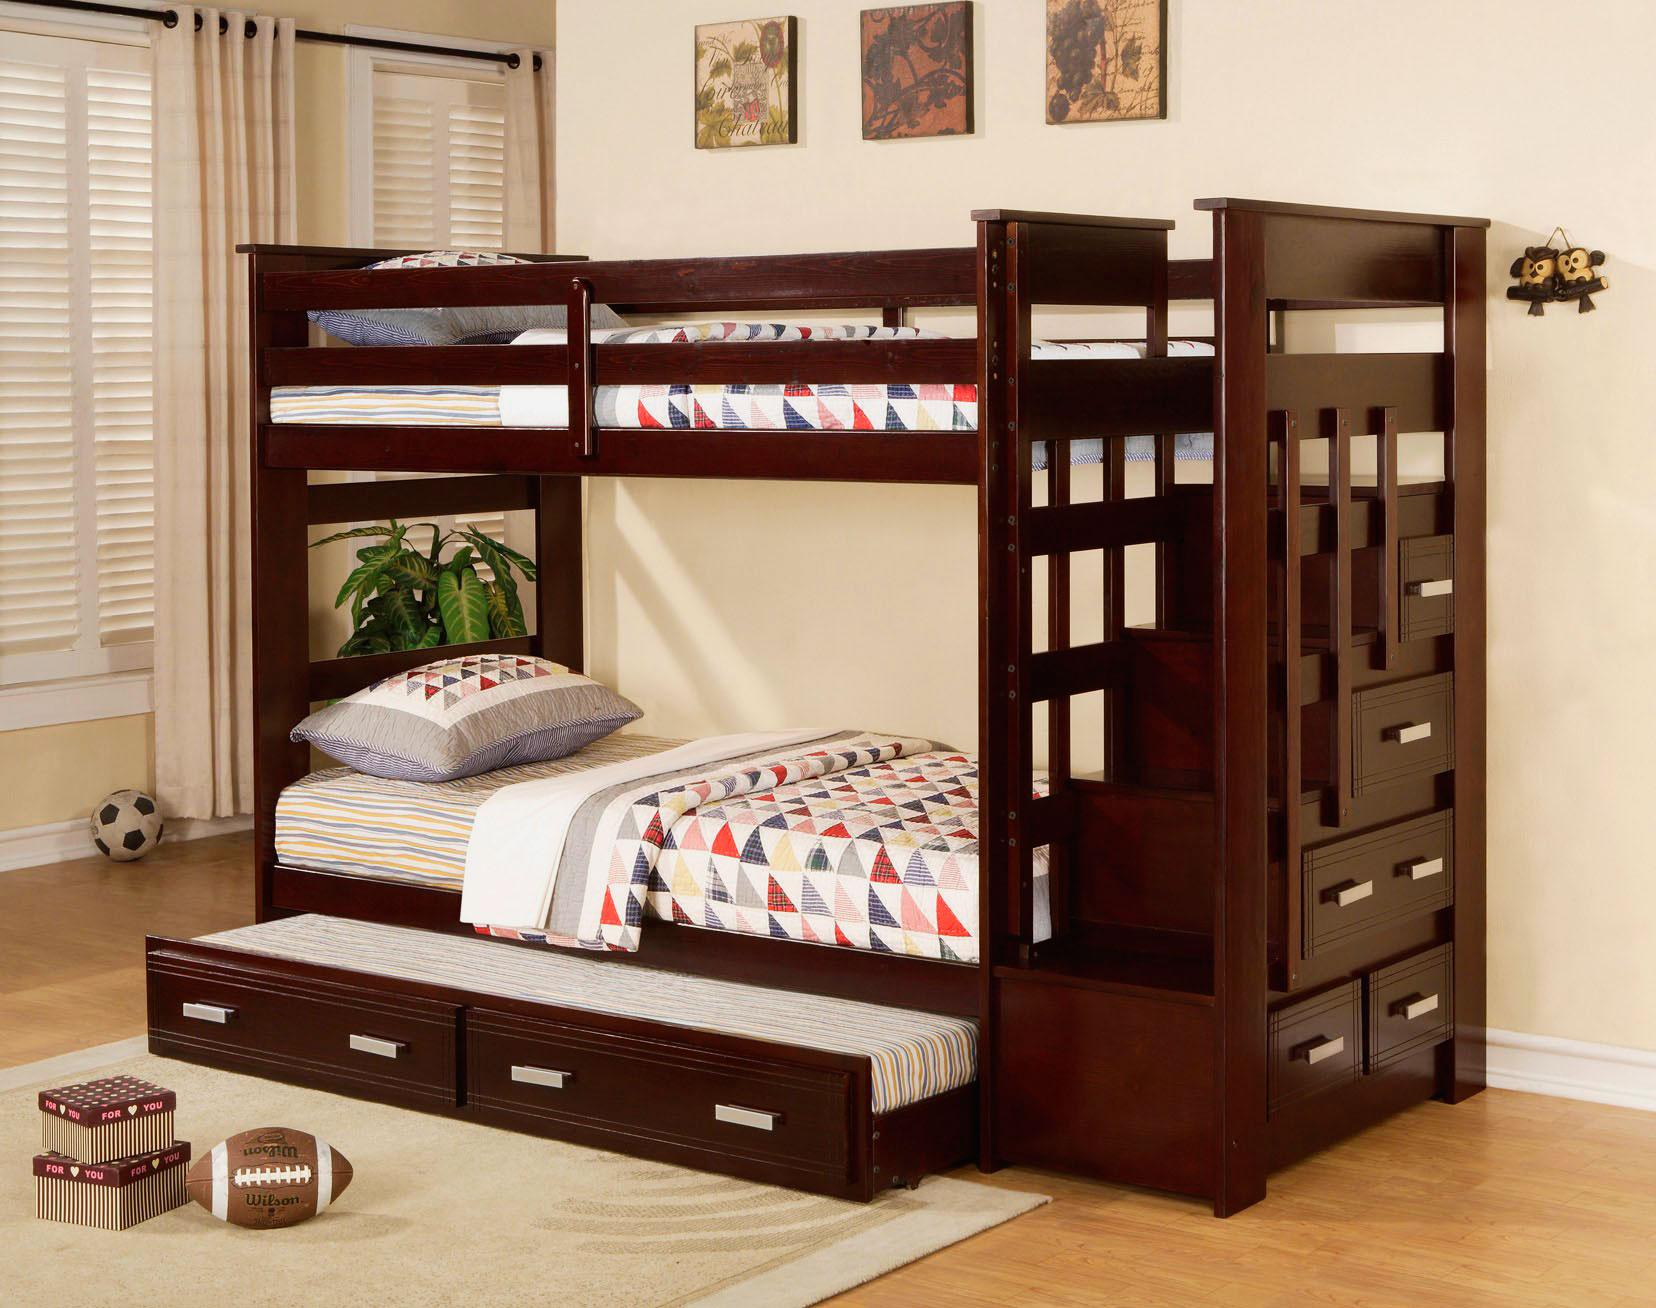 Двухъярусная кровать для подростков (14)